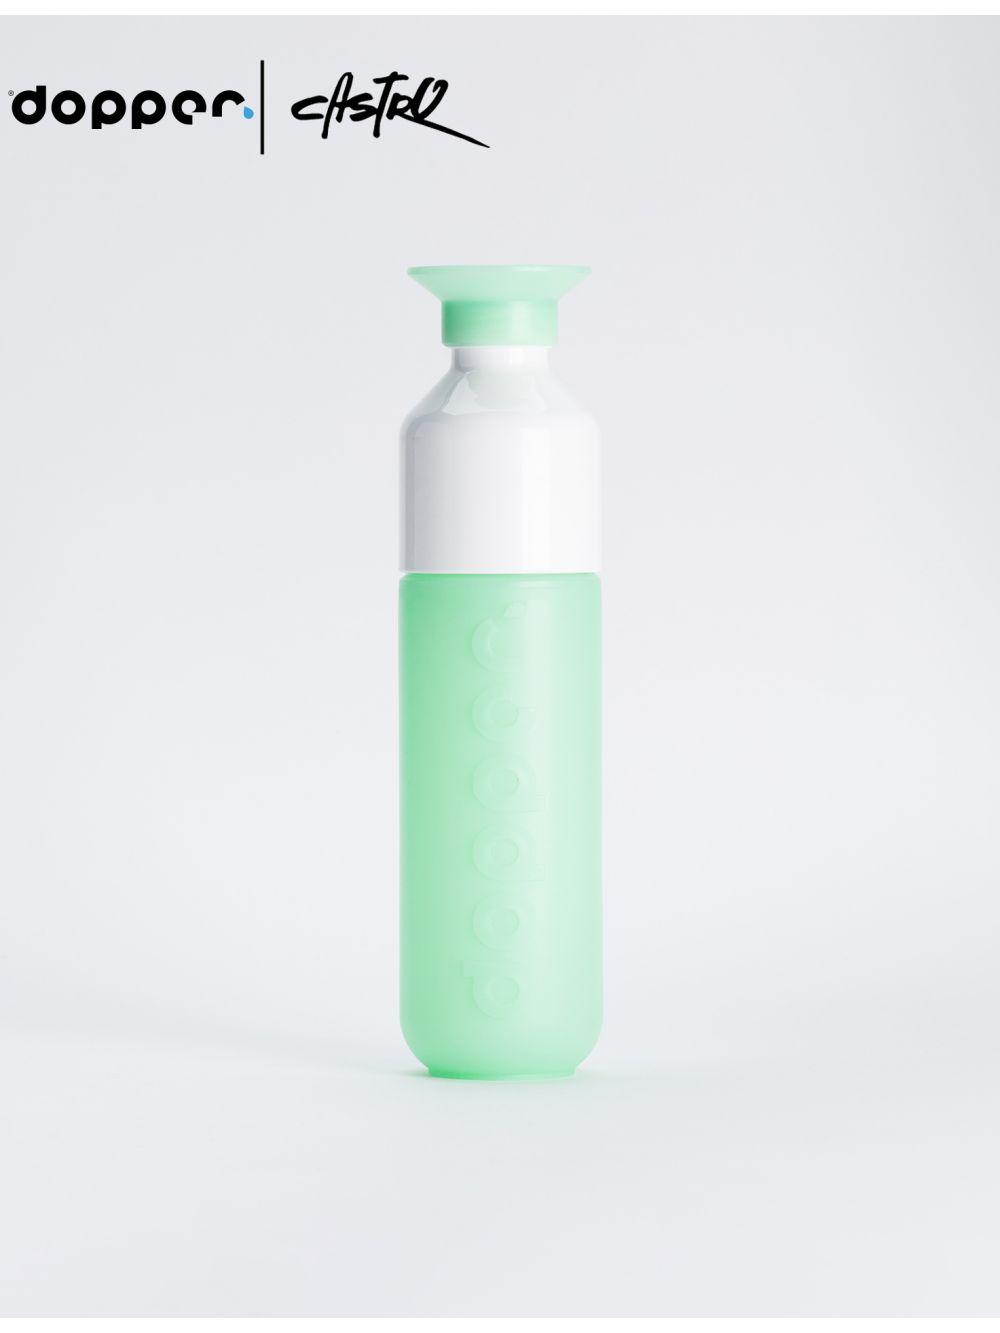 בקבוק שתיה DOOPER רב פעמי 450 מל בצבע מנטה